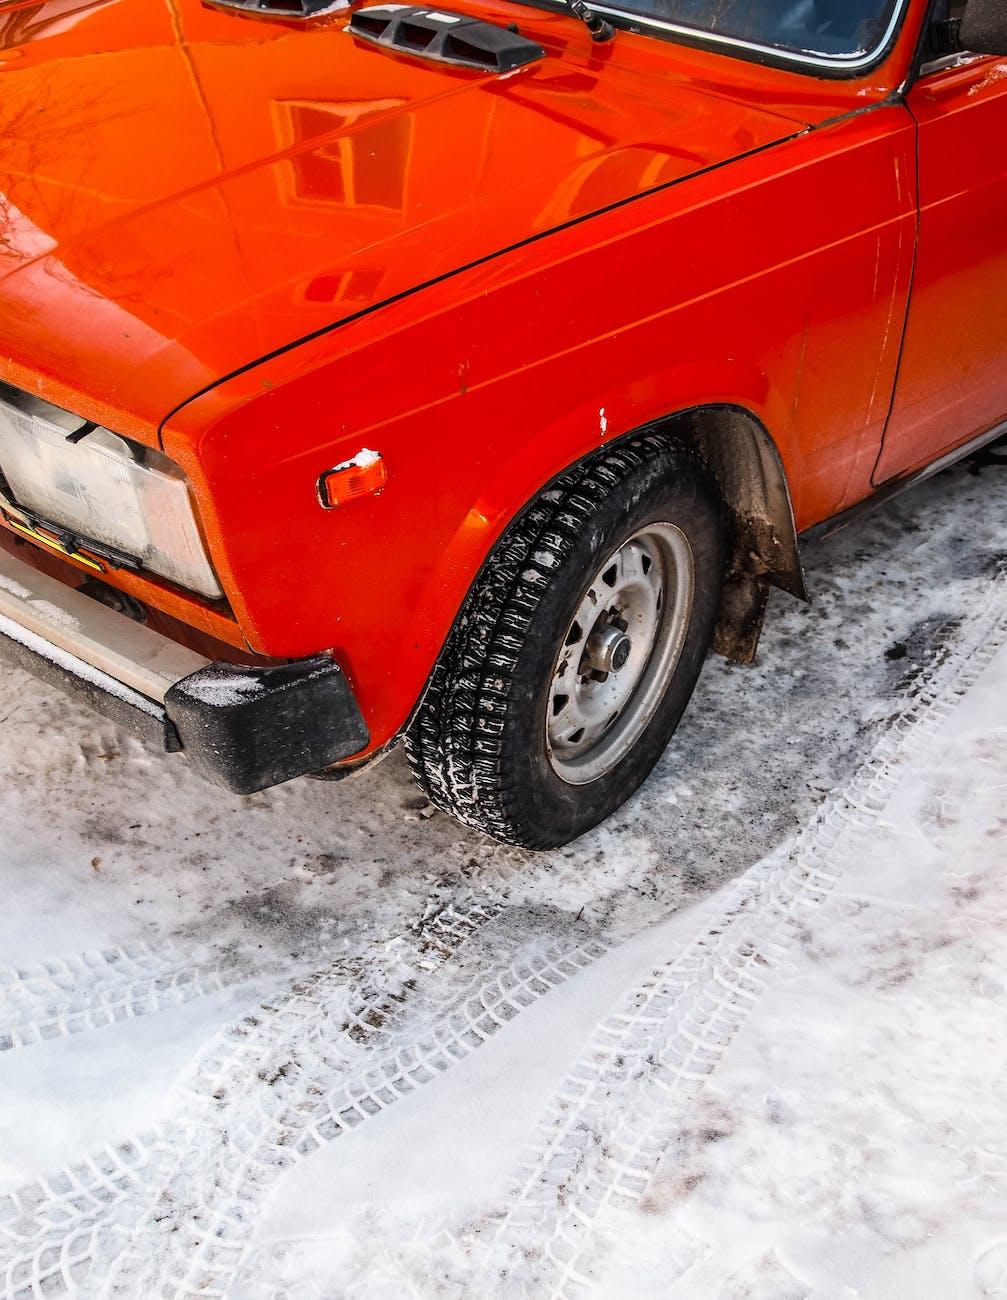 car parked at snow road